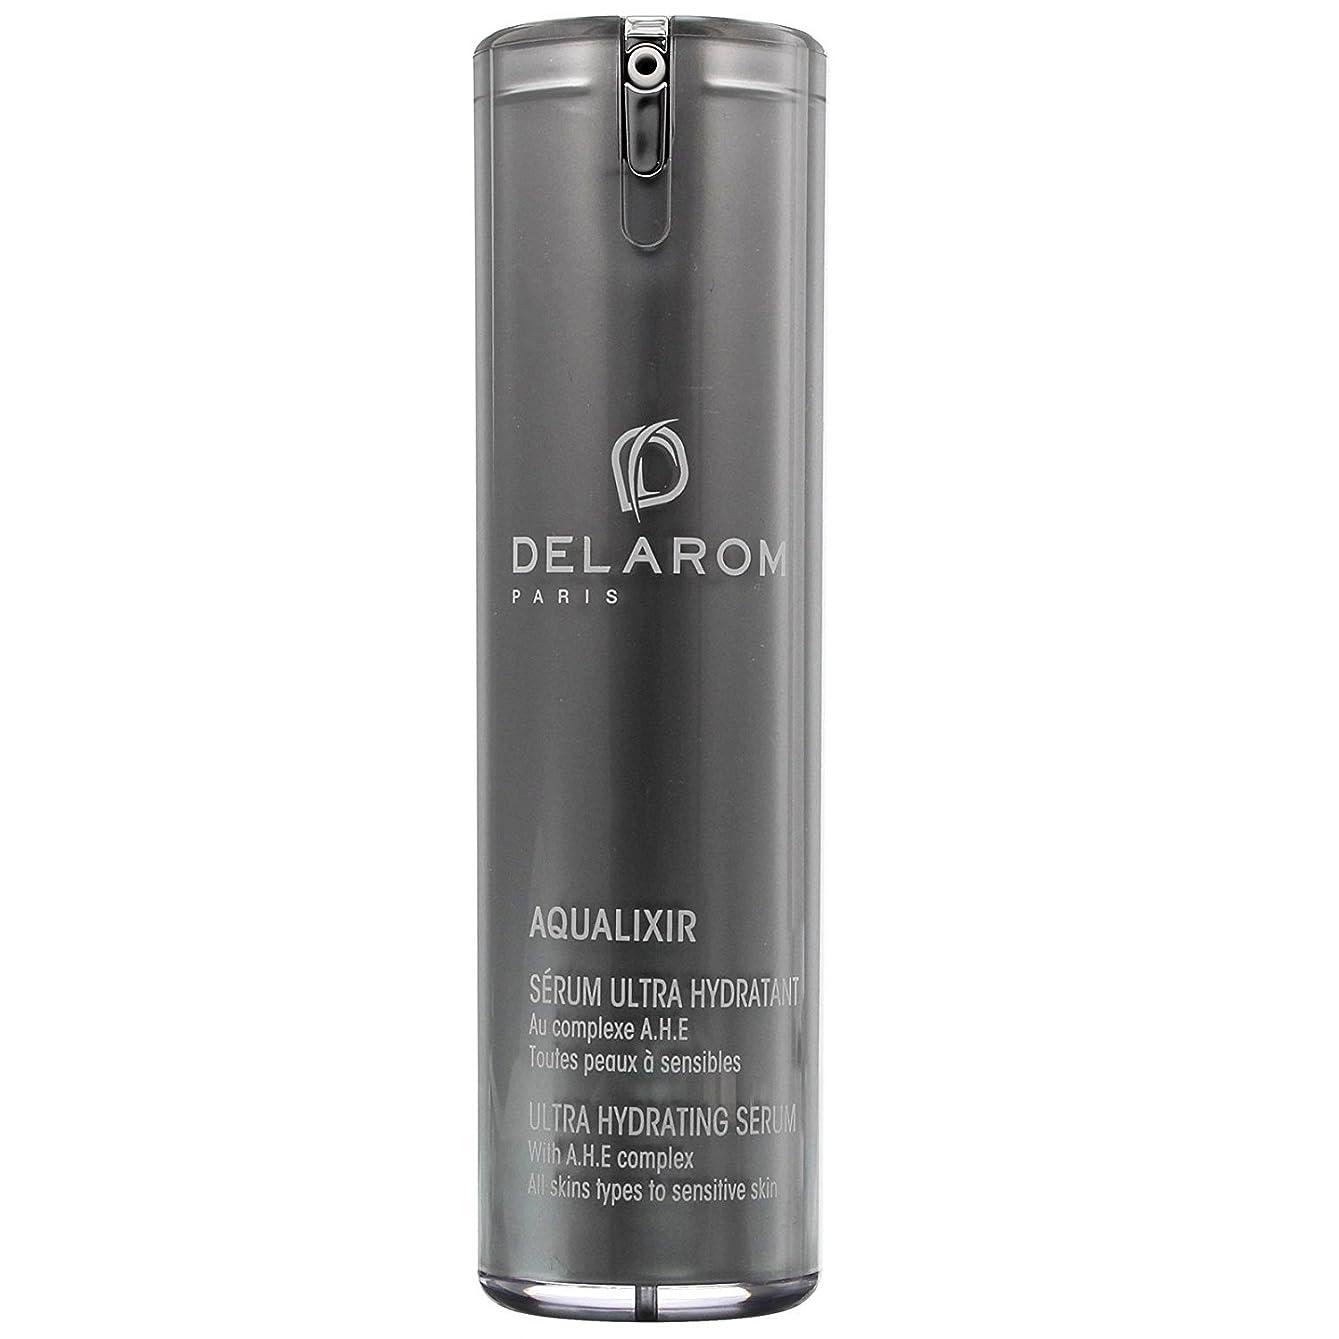 公爵夫人クラシック日DELAROM Aqualixir Ultra Hydrating Serum - For All Skin Types to Sensitive Skin 30ml/1oz並行輸入品